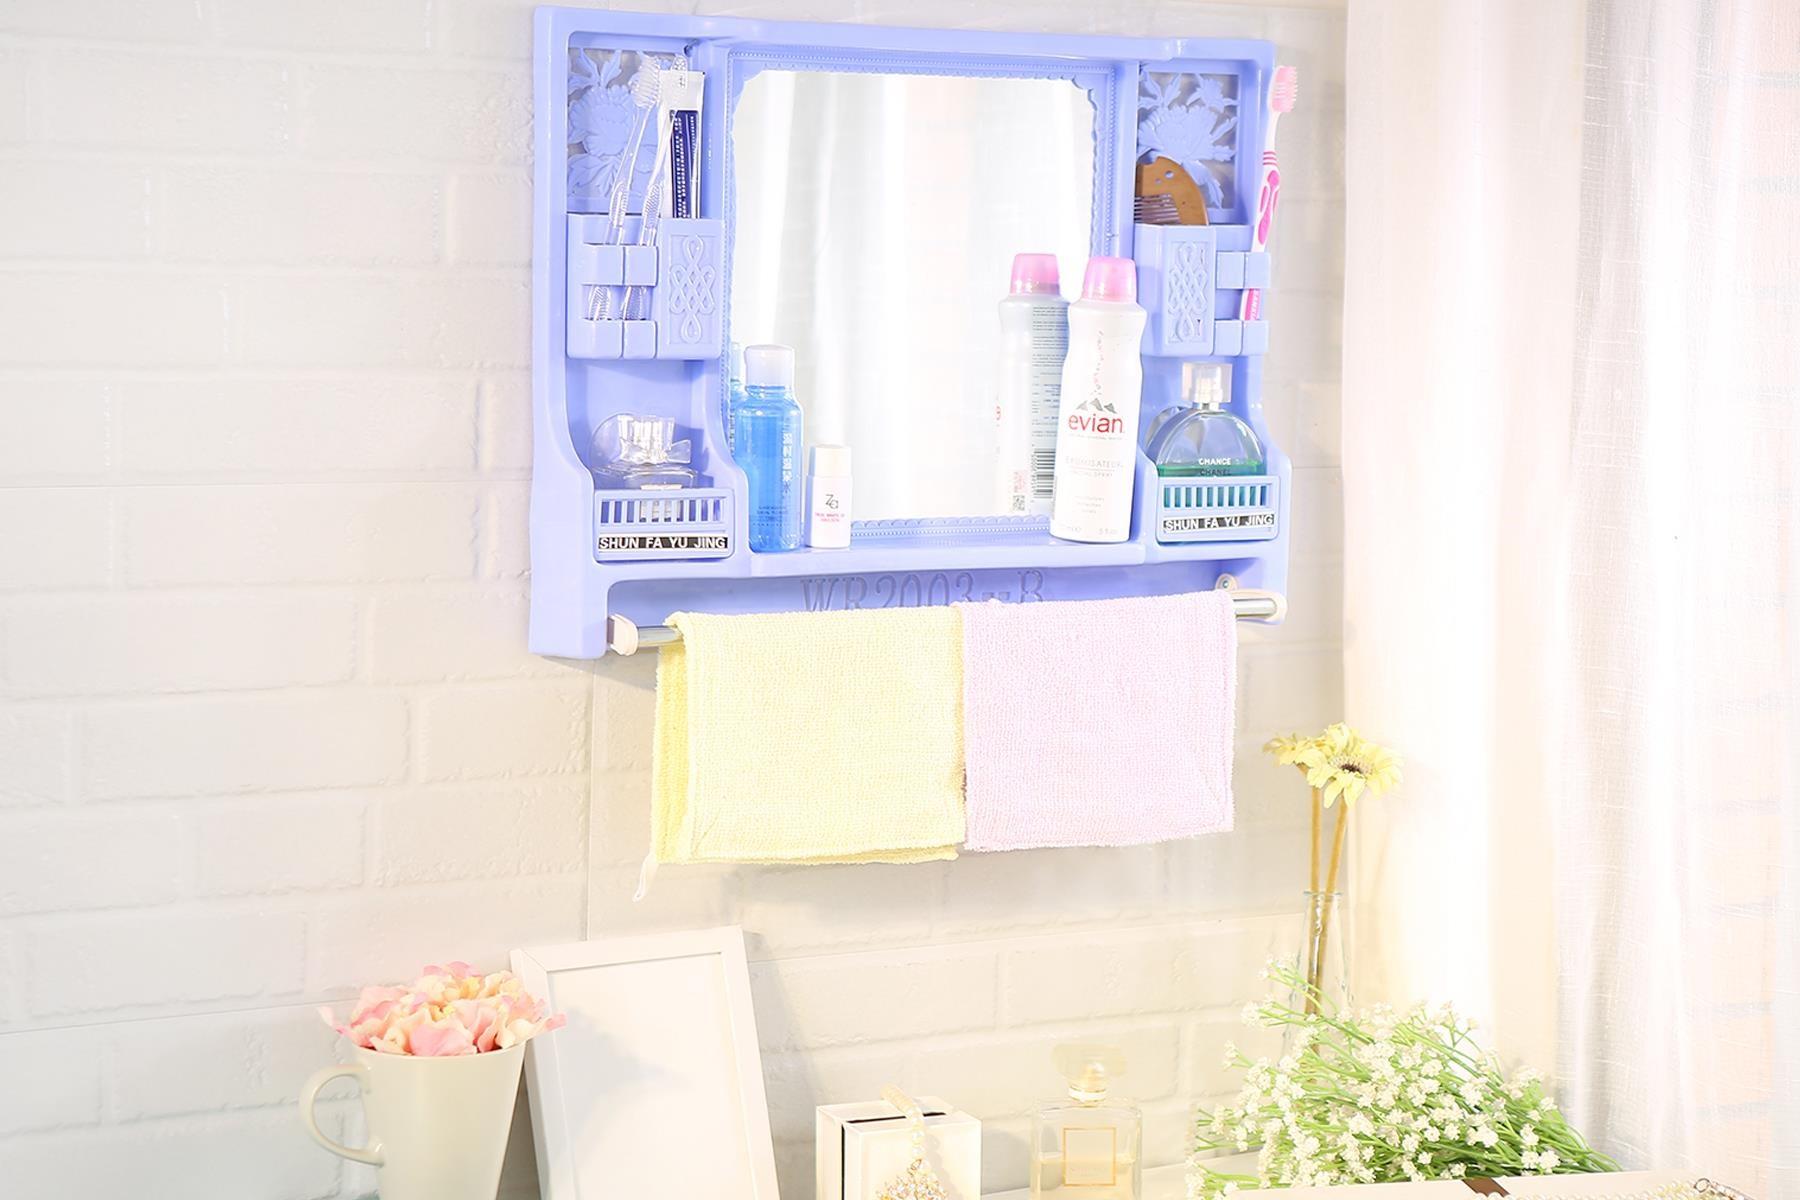 Ванная комната группа настенный поляк полотенце зеркальный шкаф зеркало коробка зеркало ванная комната ванная комната группа стеллажи